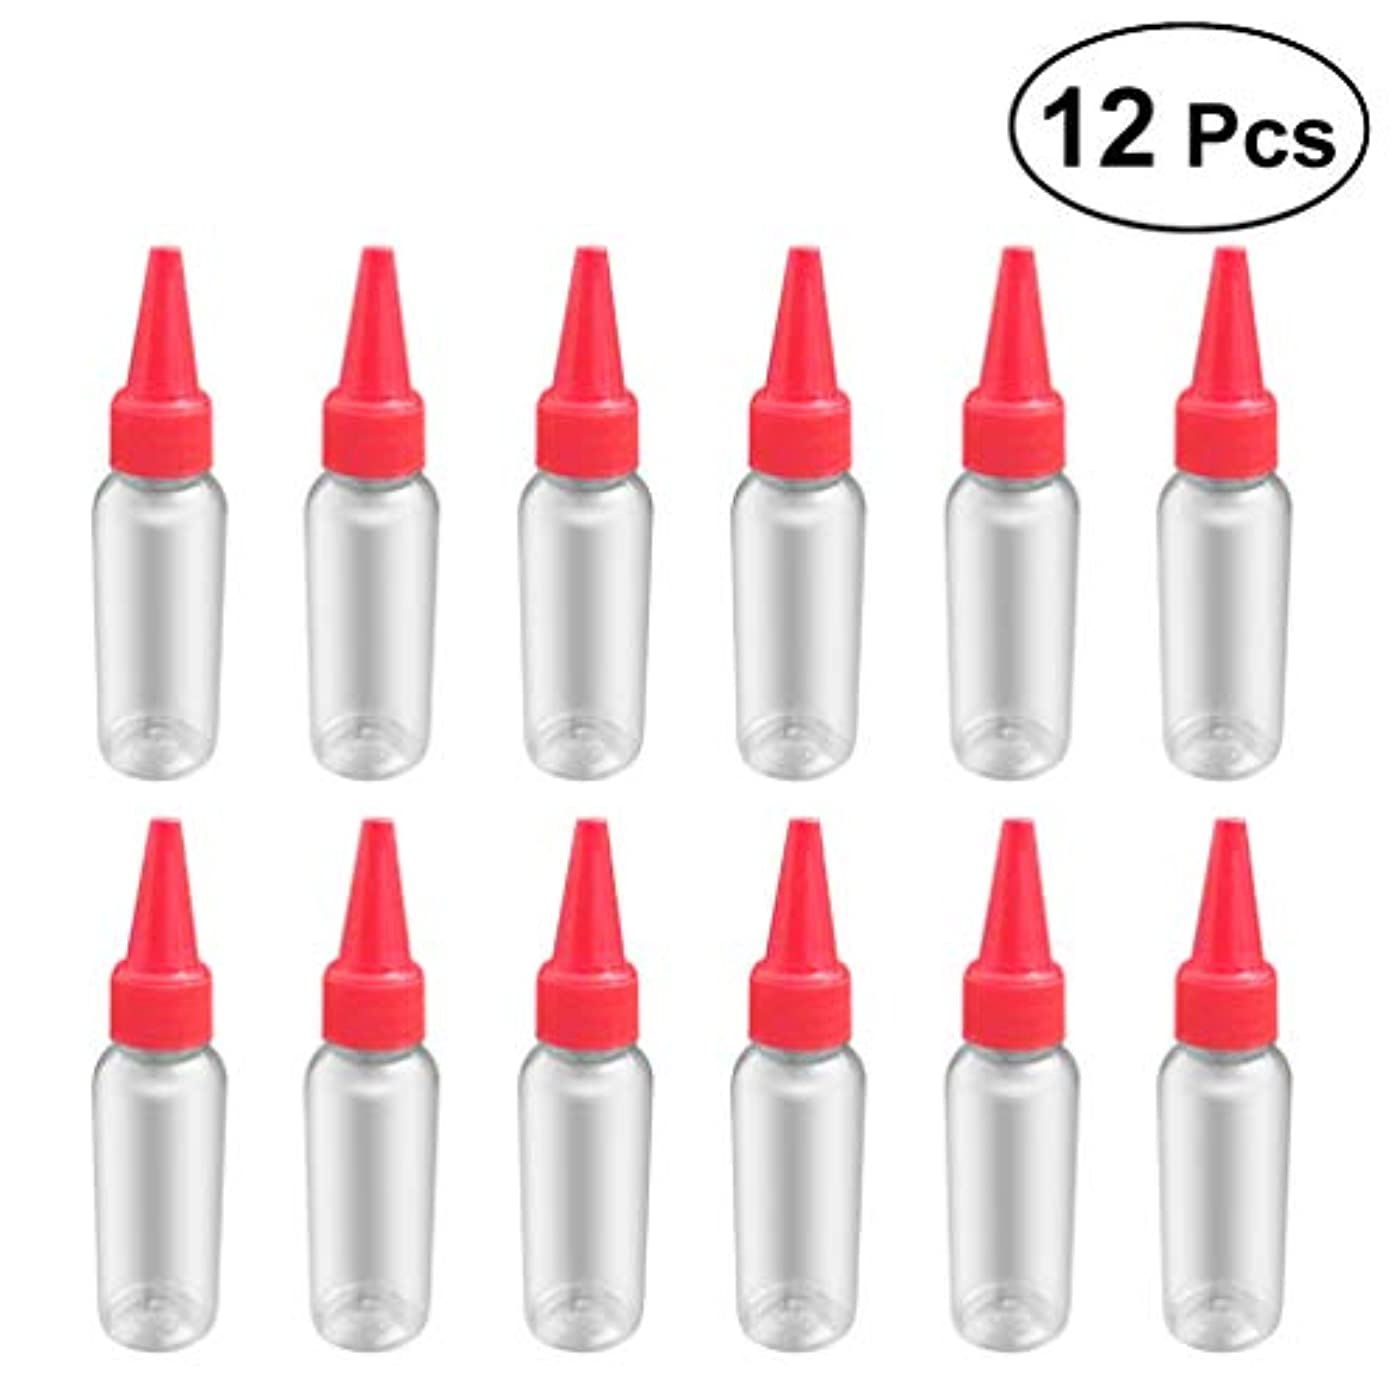 勧告慎重に間違いSUPVOX 12ピース プラスチック アプリケーターボトル スクイズフロー デザイン チップキャップ 空ボトル 用液体 オイルグルー ディスペンサー ヘアカラー 40ml(赤)